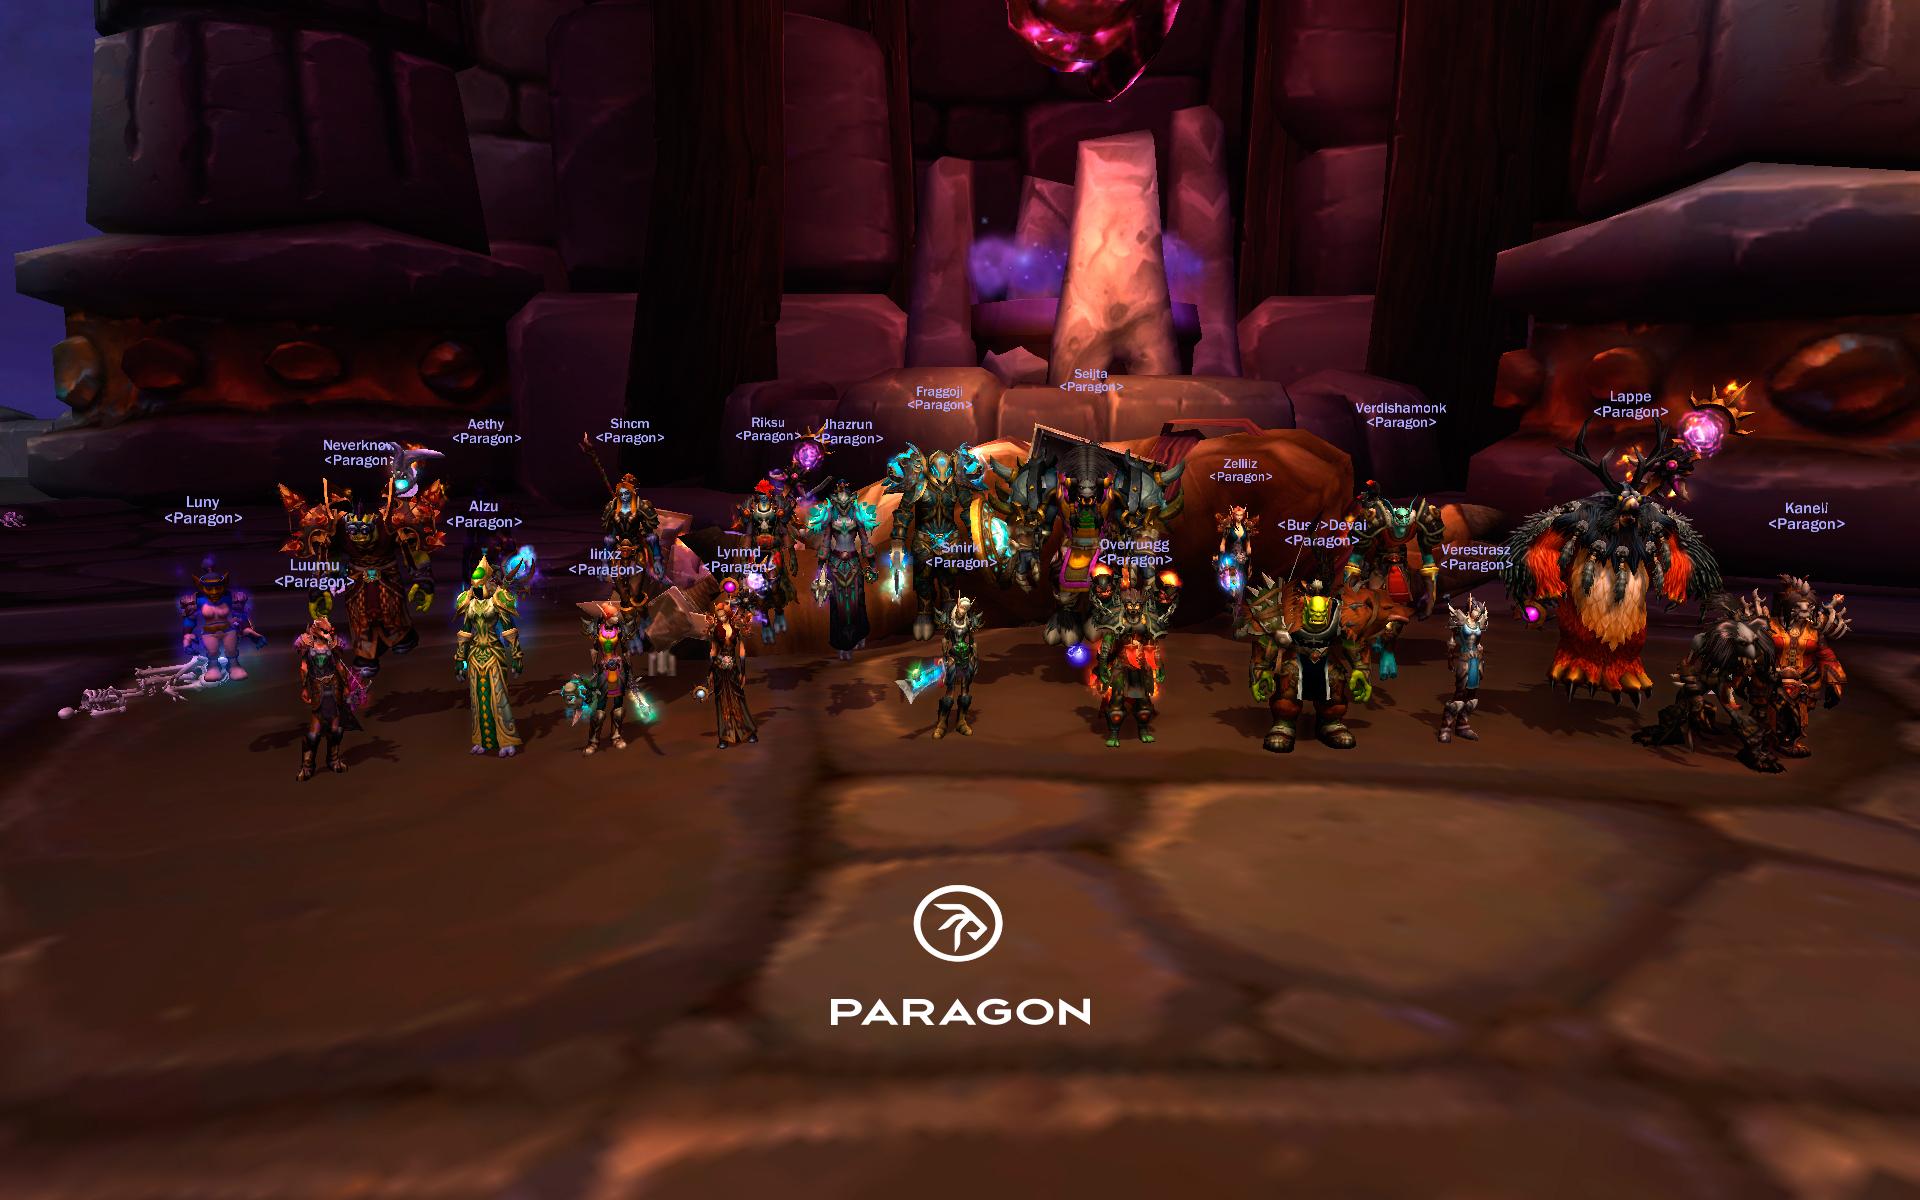 World of Warcraft: World-First Hochfels geht an Paragon, hoben sich den Butcher bis zum Schluss auf